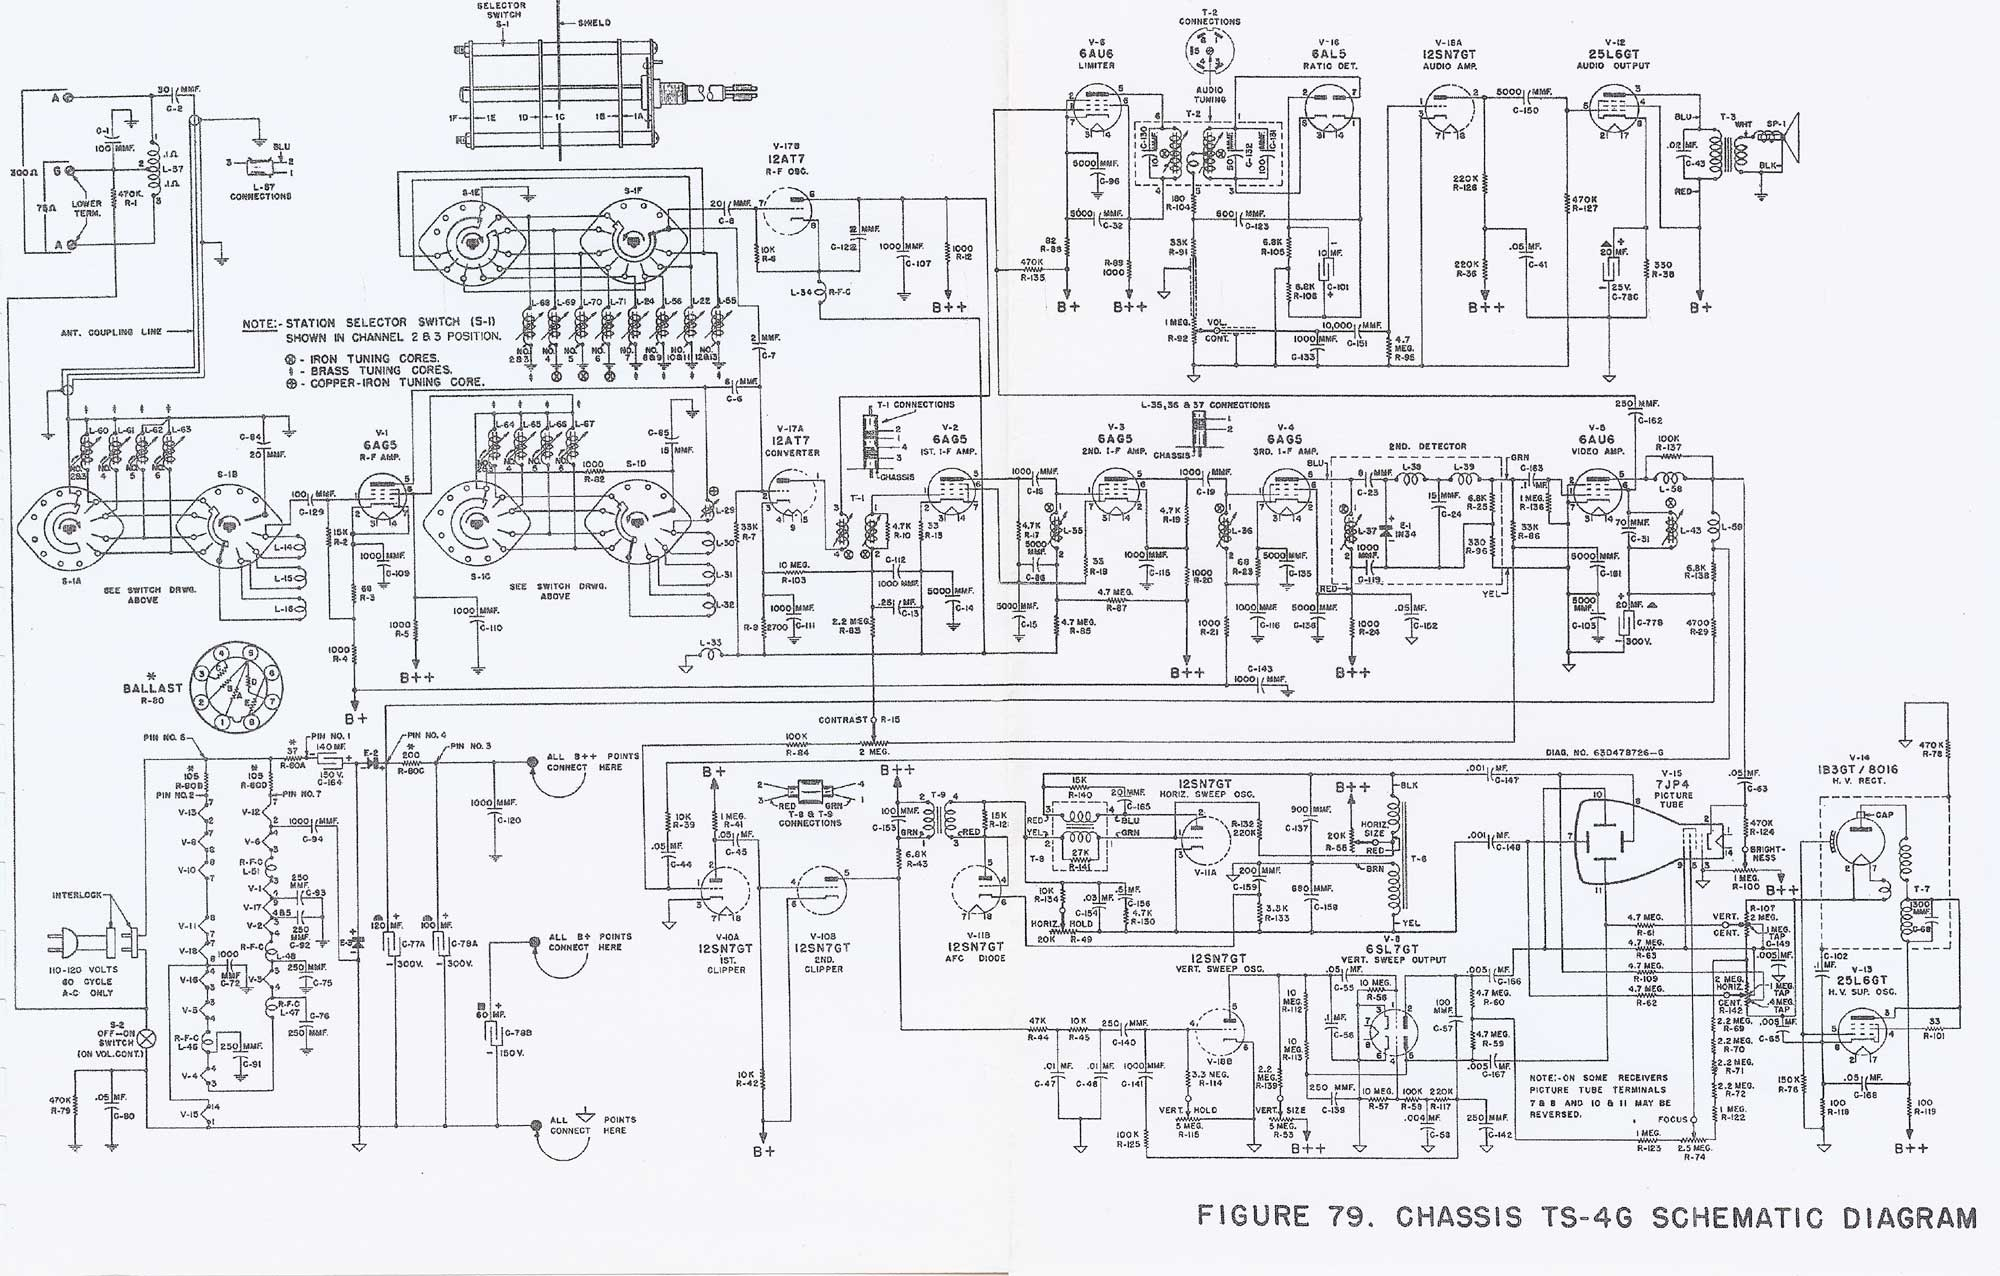 moto g schematics powerking co on Moto G Print Motorola Moto for r 390 schematic the wiring diagram readingrat, schematic · moto g schematics